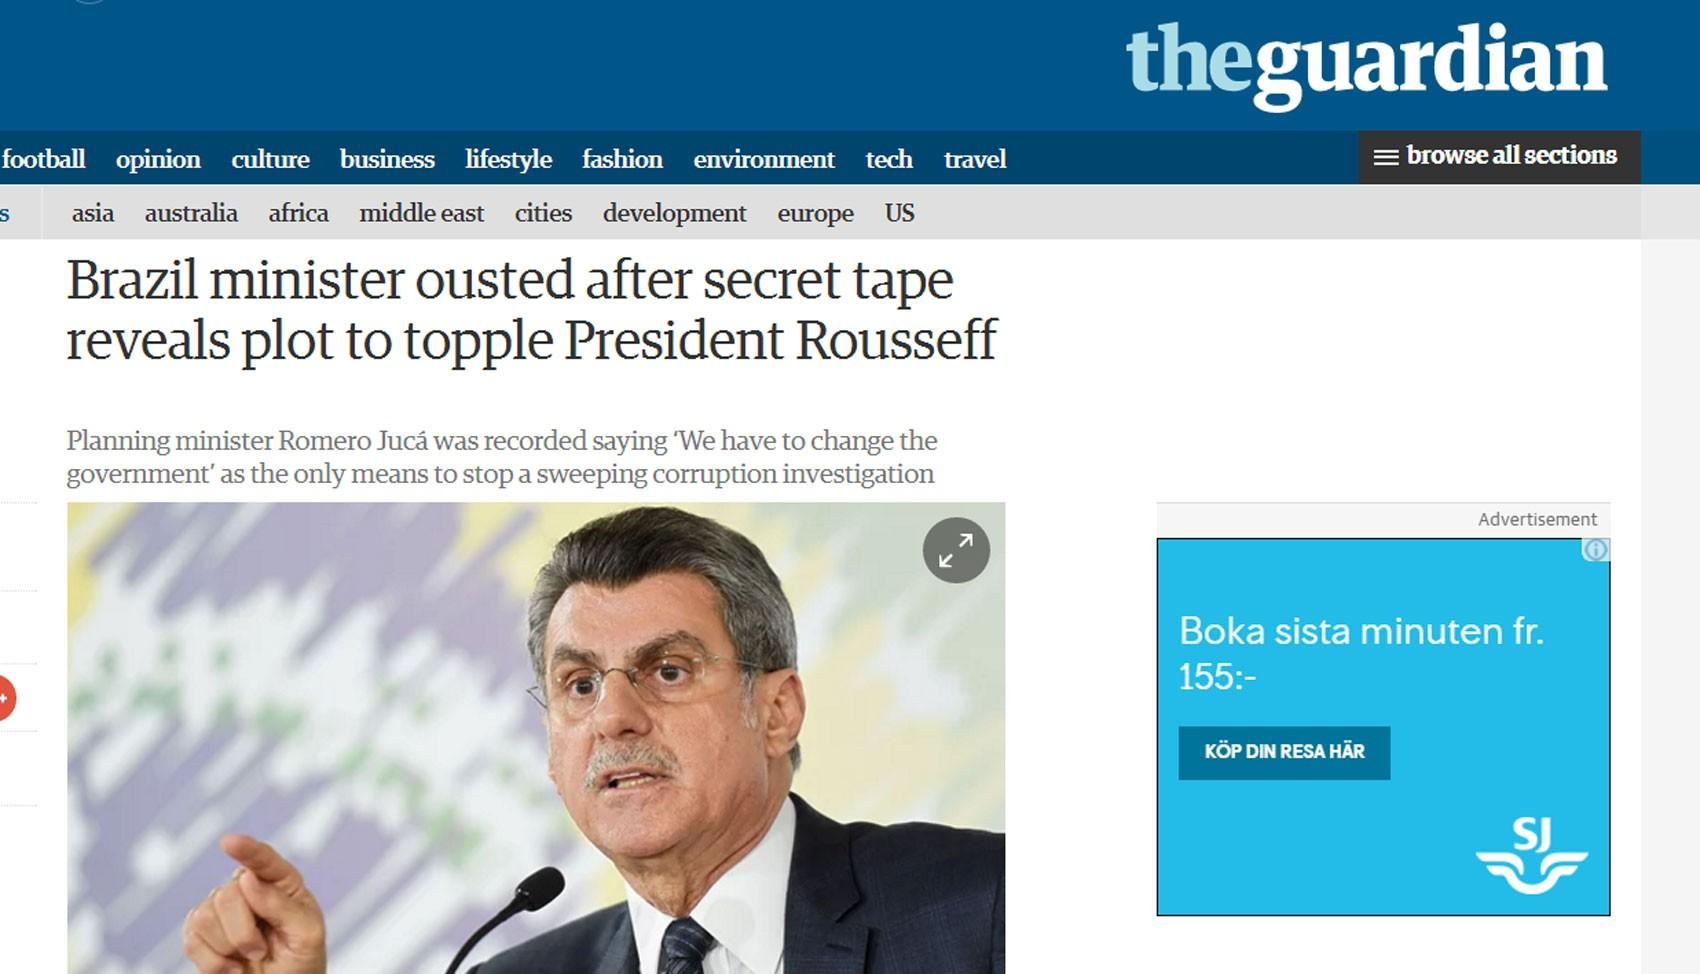 'The Guardian' vê 'plano maquiavélico' de impeachment (Foto: Reprodução/the guardian)